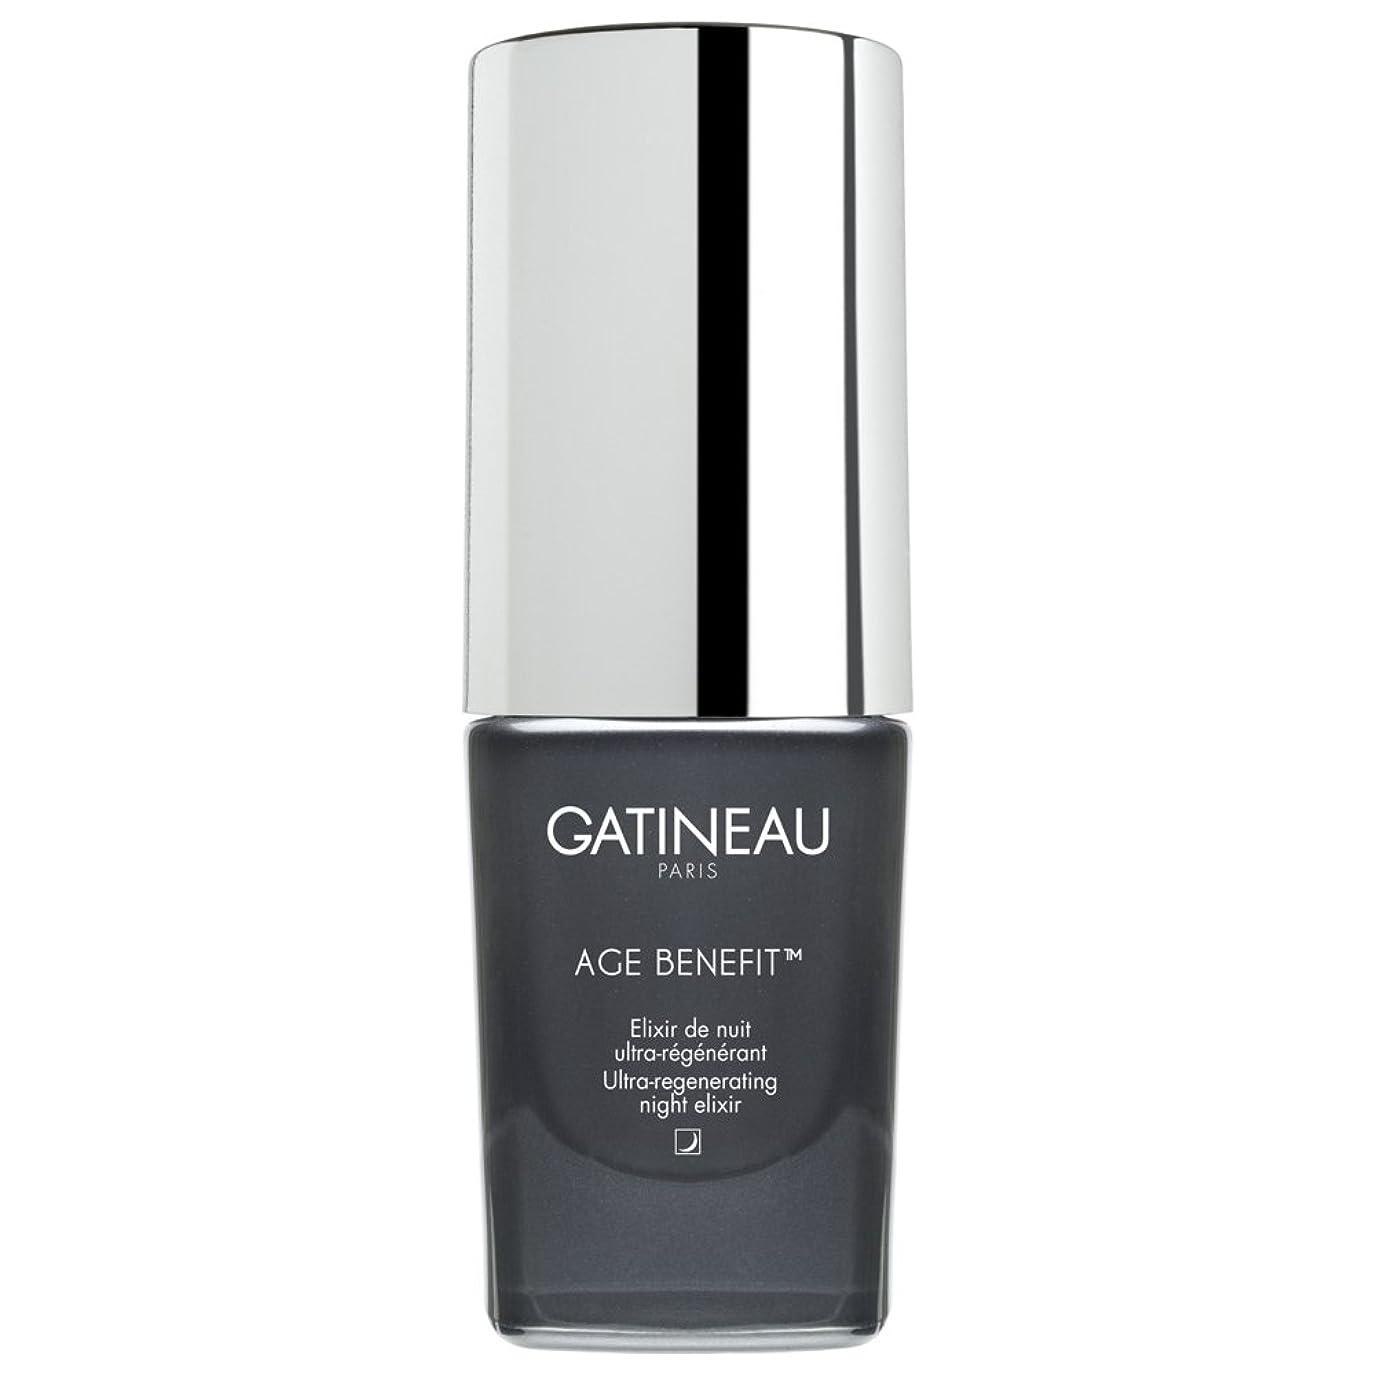 無クスクス逆さまにガティノー年齢給付超再生夜のエリクシルの15ミリリットル (Gatineau) - Gatineau Age Benefit Ultra-Regenerating Night Elixir 15ml [並行輸入品]